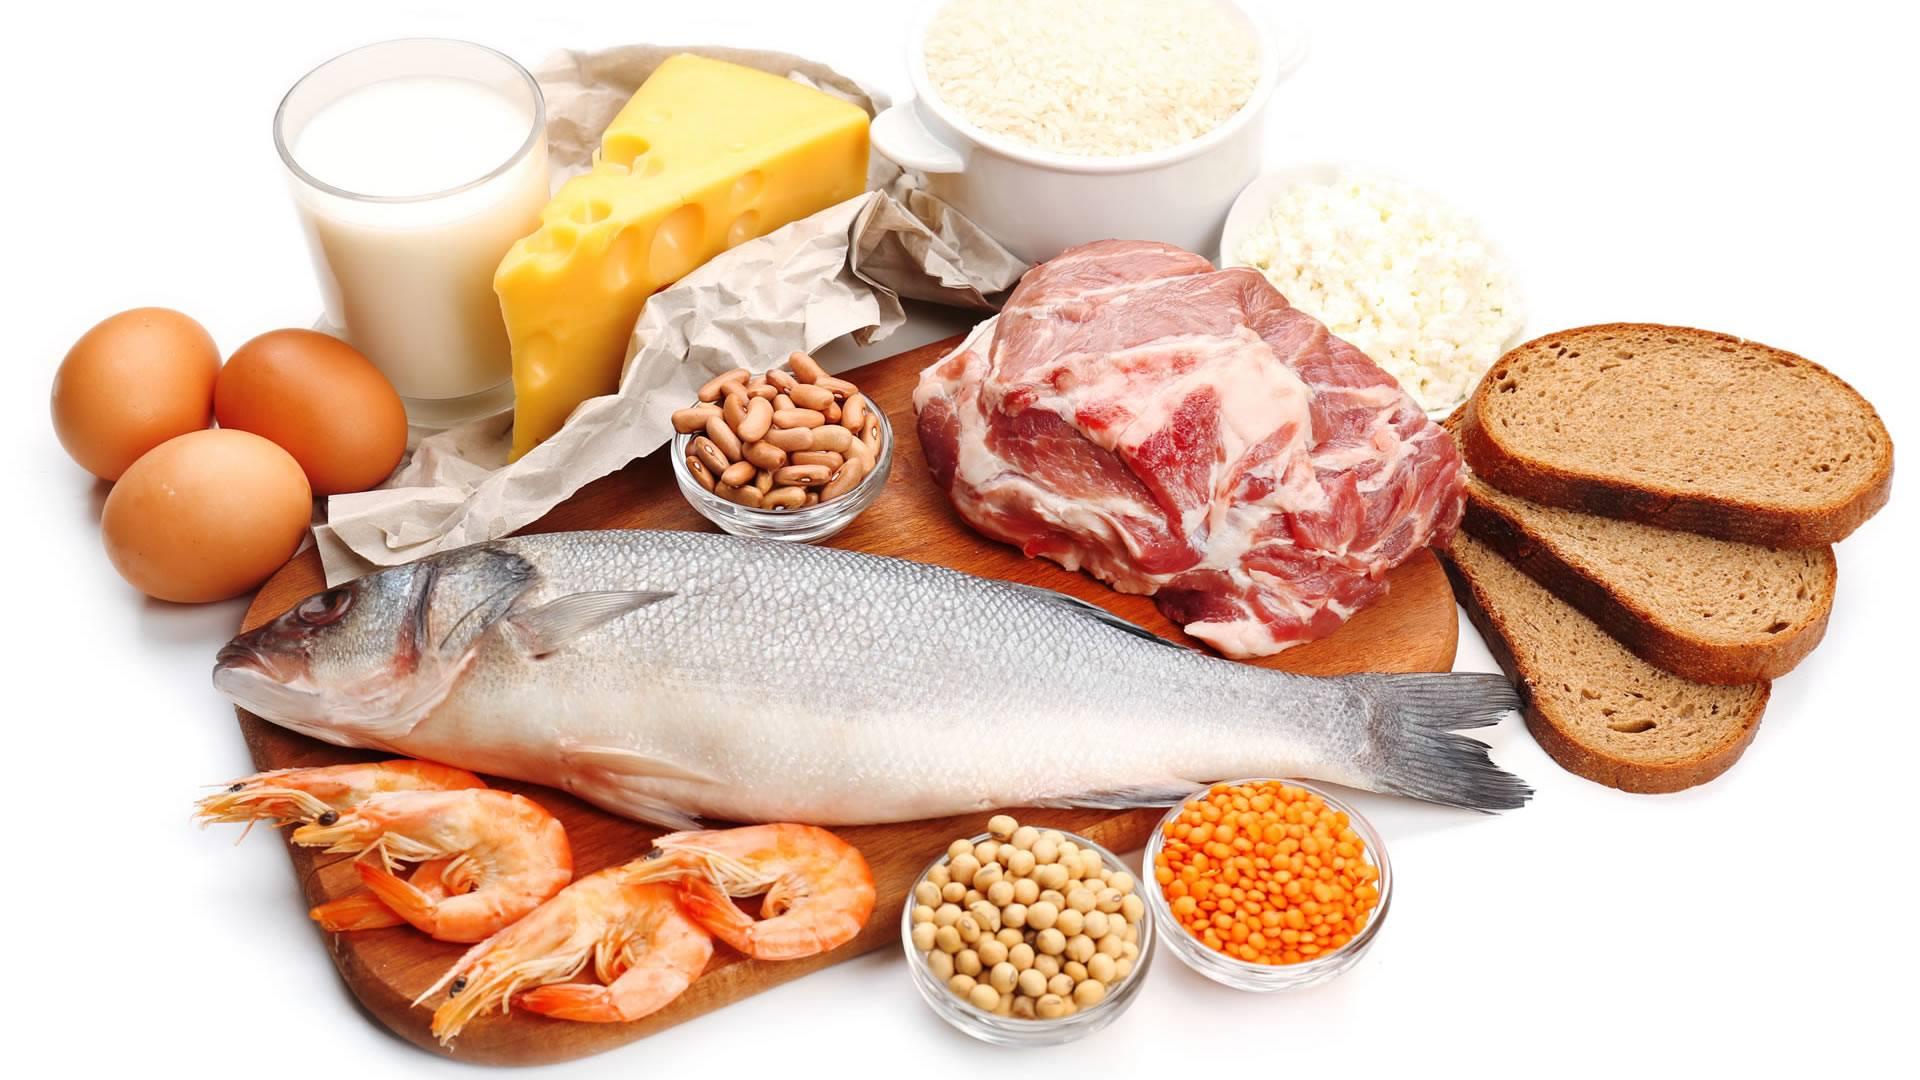 dieta para evitar el catabolismo muscular